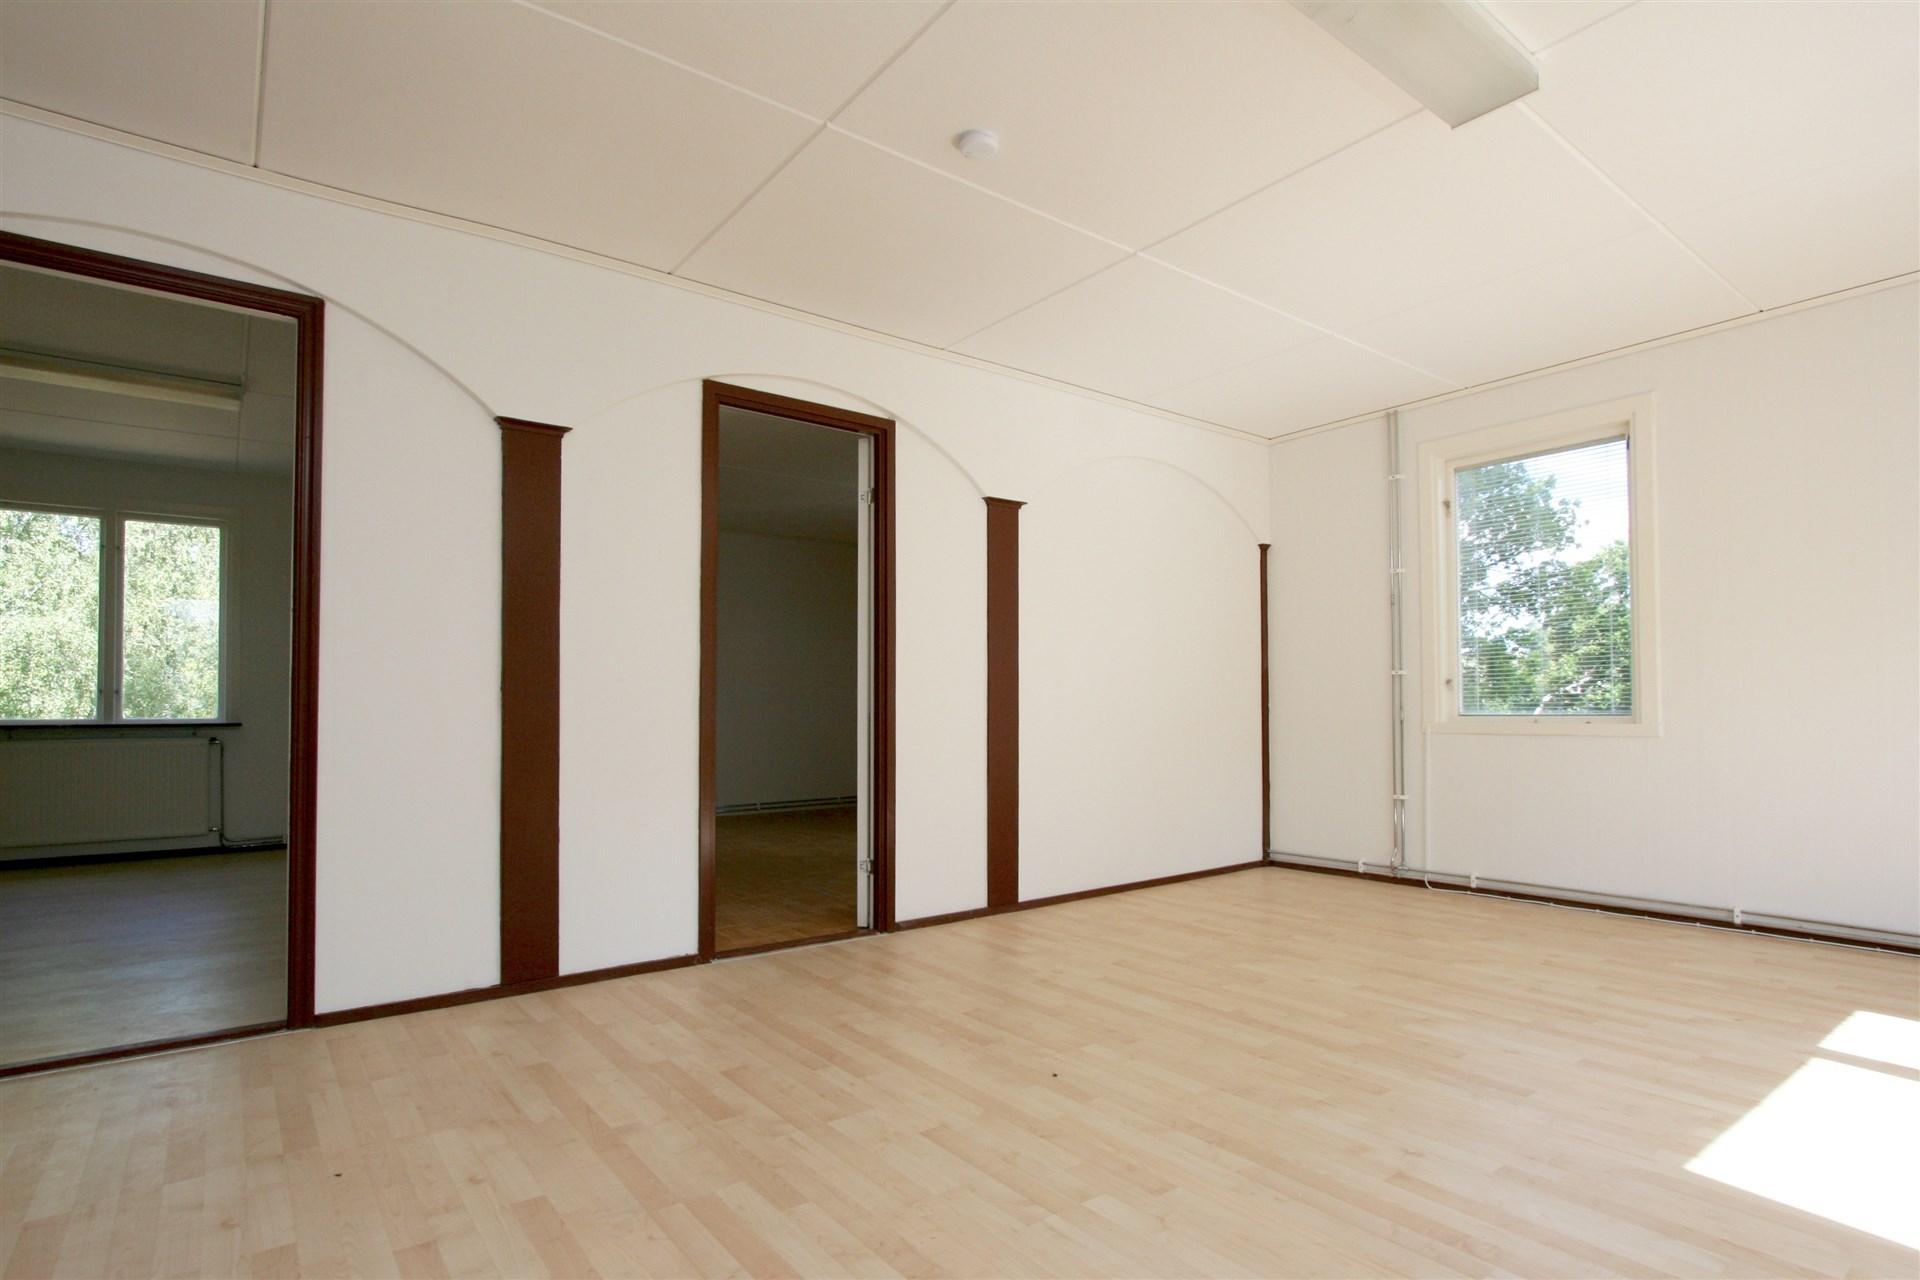 Lägenhet nr 3